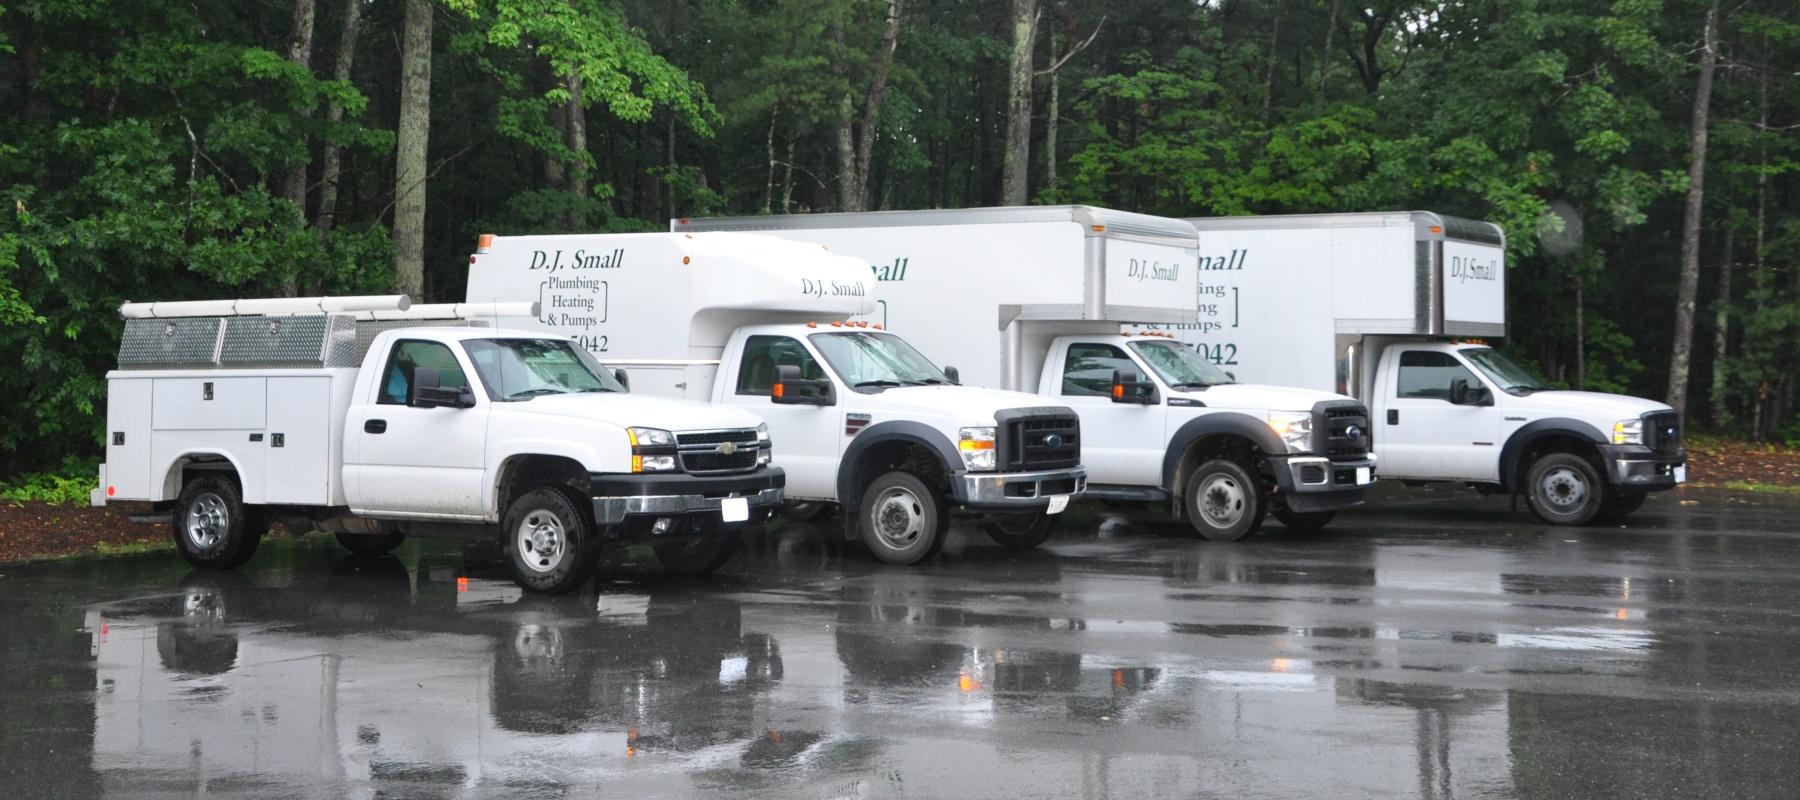 dj-small-trucks-3